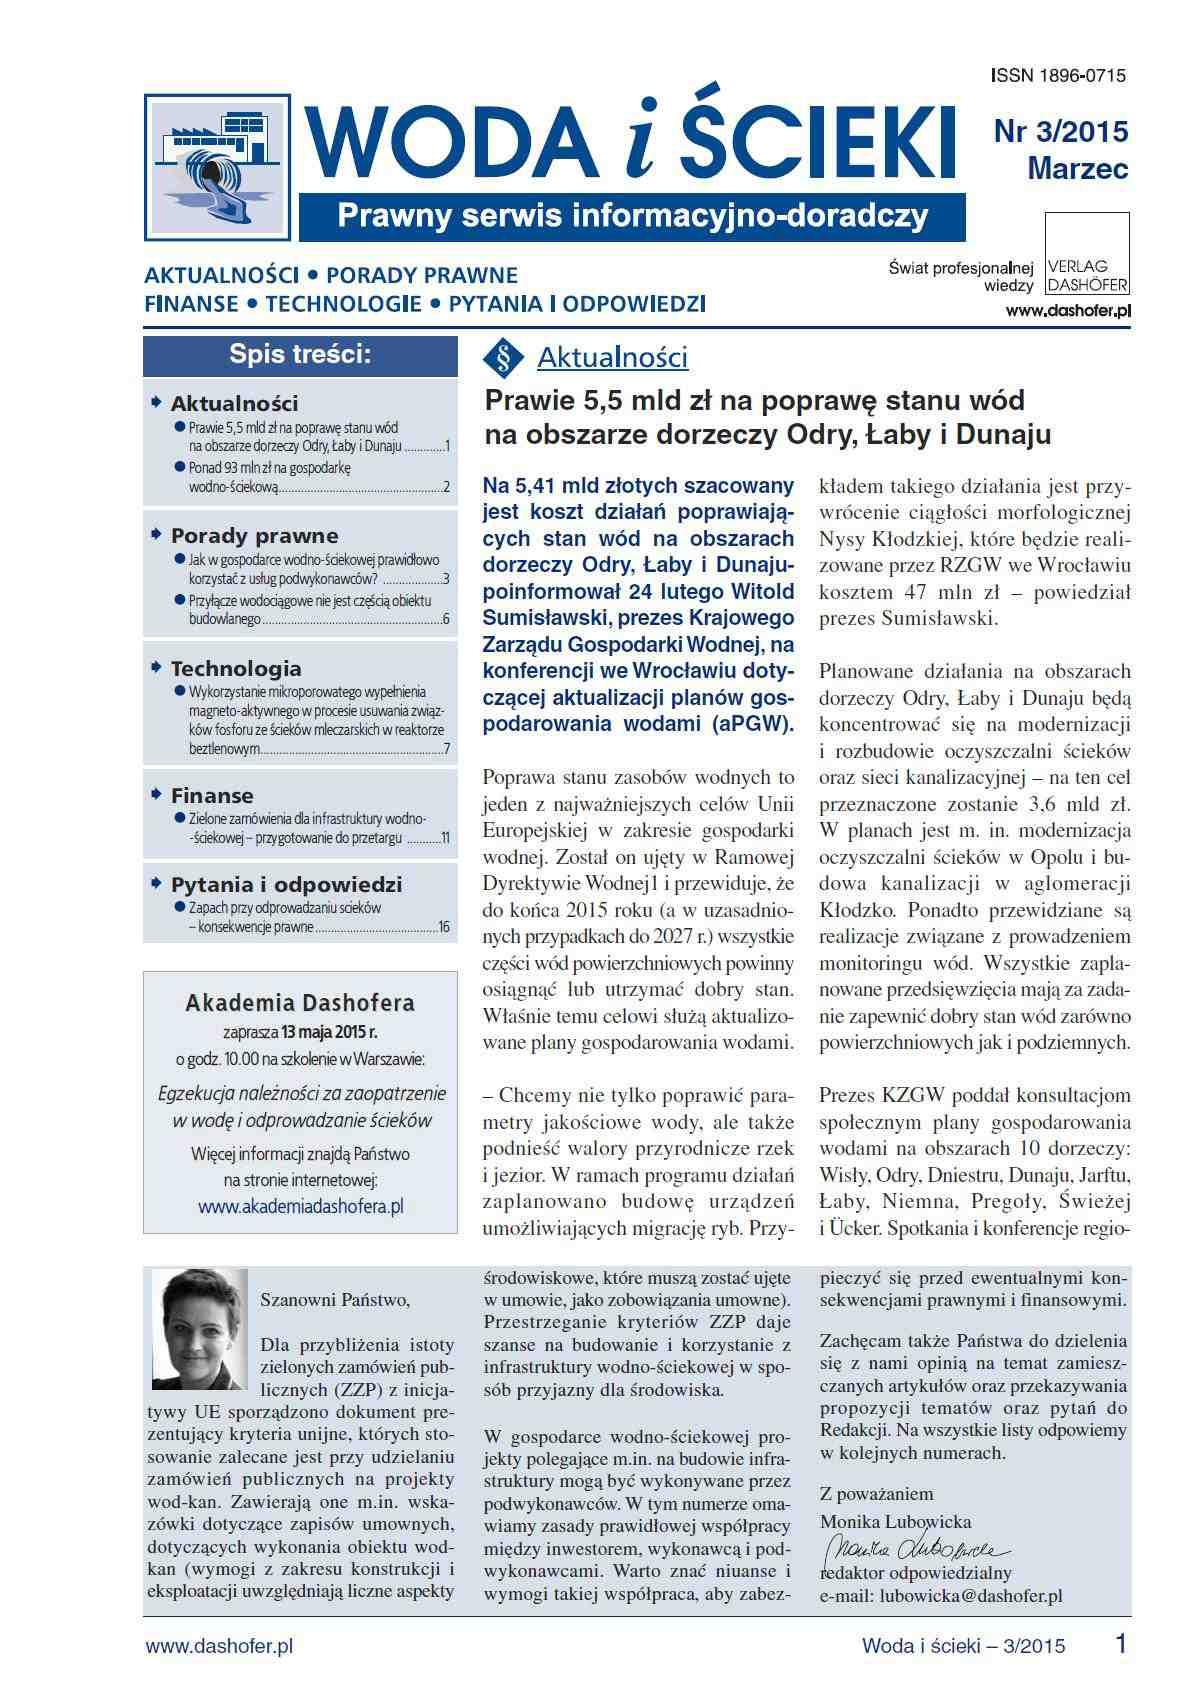 Woda i ścieki. Prawny serwis informacyjno-doradczy. Nr 3/2015 - Ebook (Książka PDF) do pobrania w formacie PDF